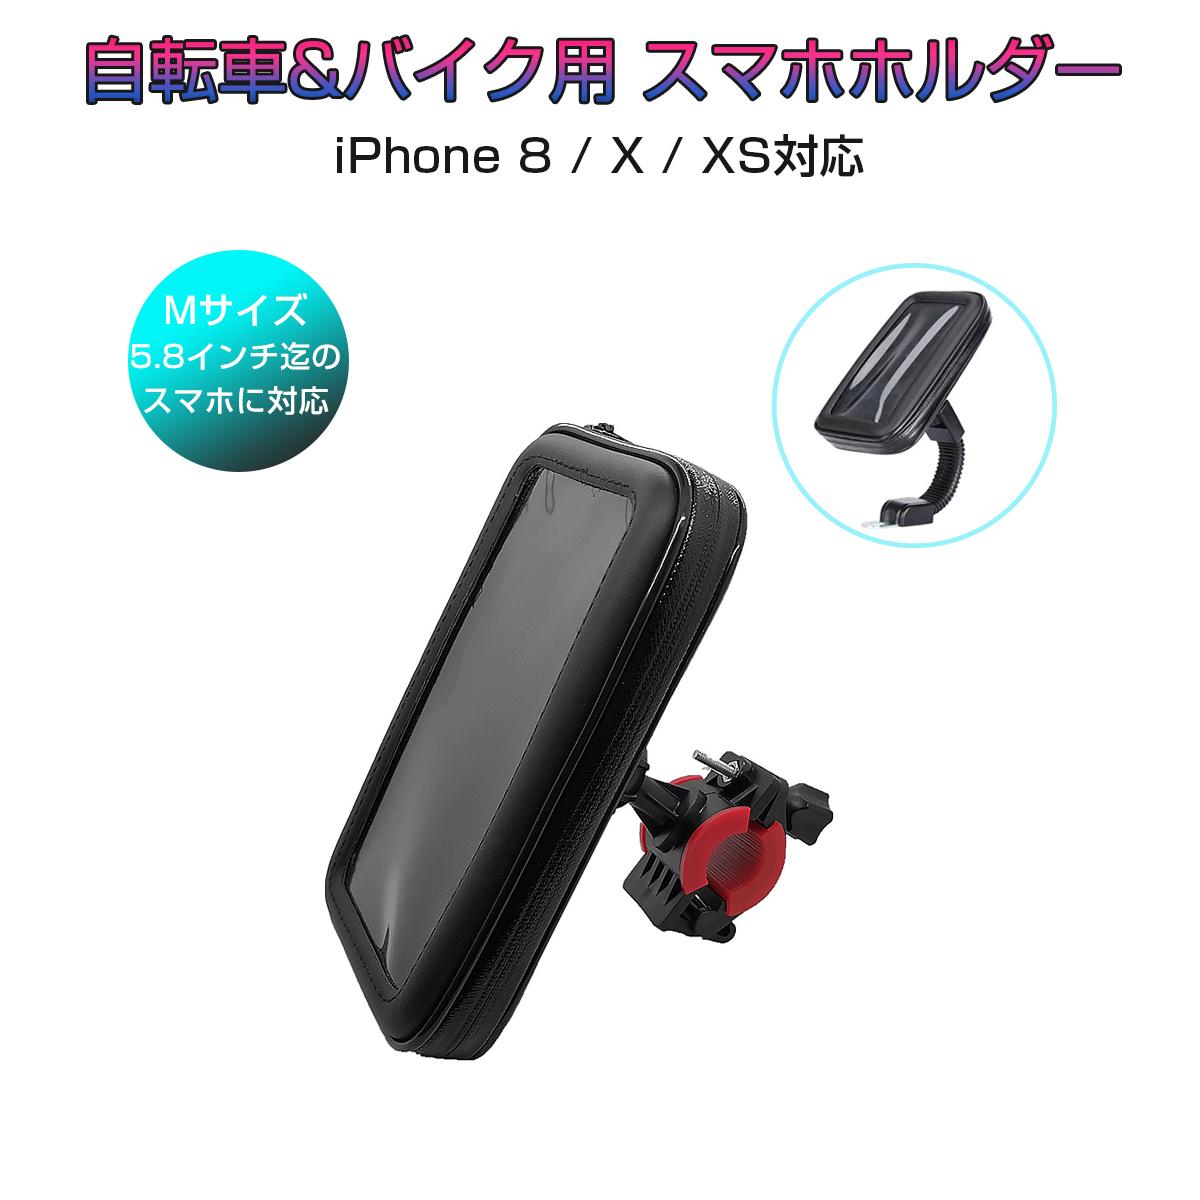 防水スマホホルダー 自転車 バイク 2Way 5.8インチ iPhone 8/X/XS対応 防水ケース 防塵 モバイルケース スマホ持ち運び 宅配便送料無料 1ヶ月保証 K&M